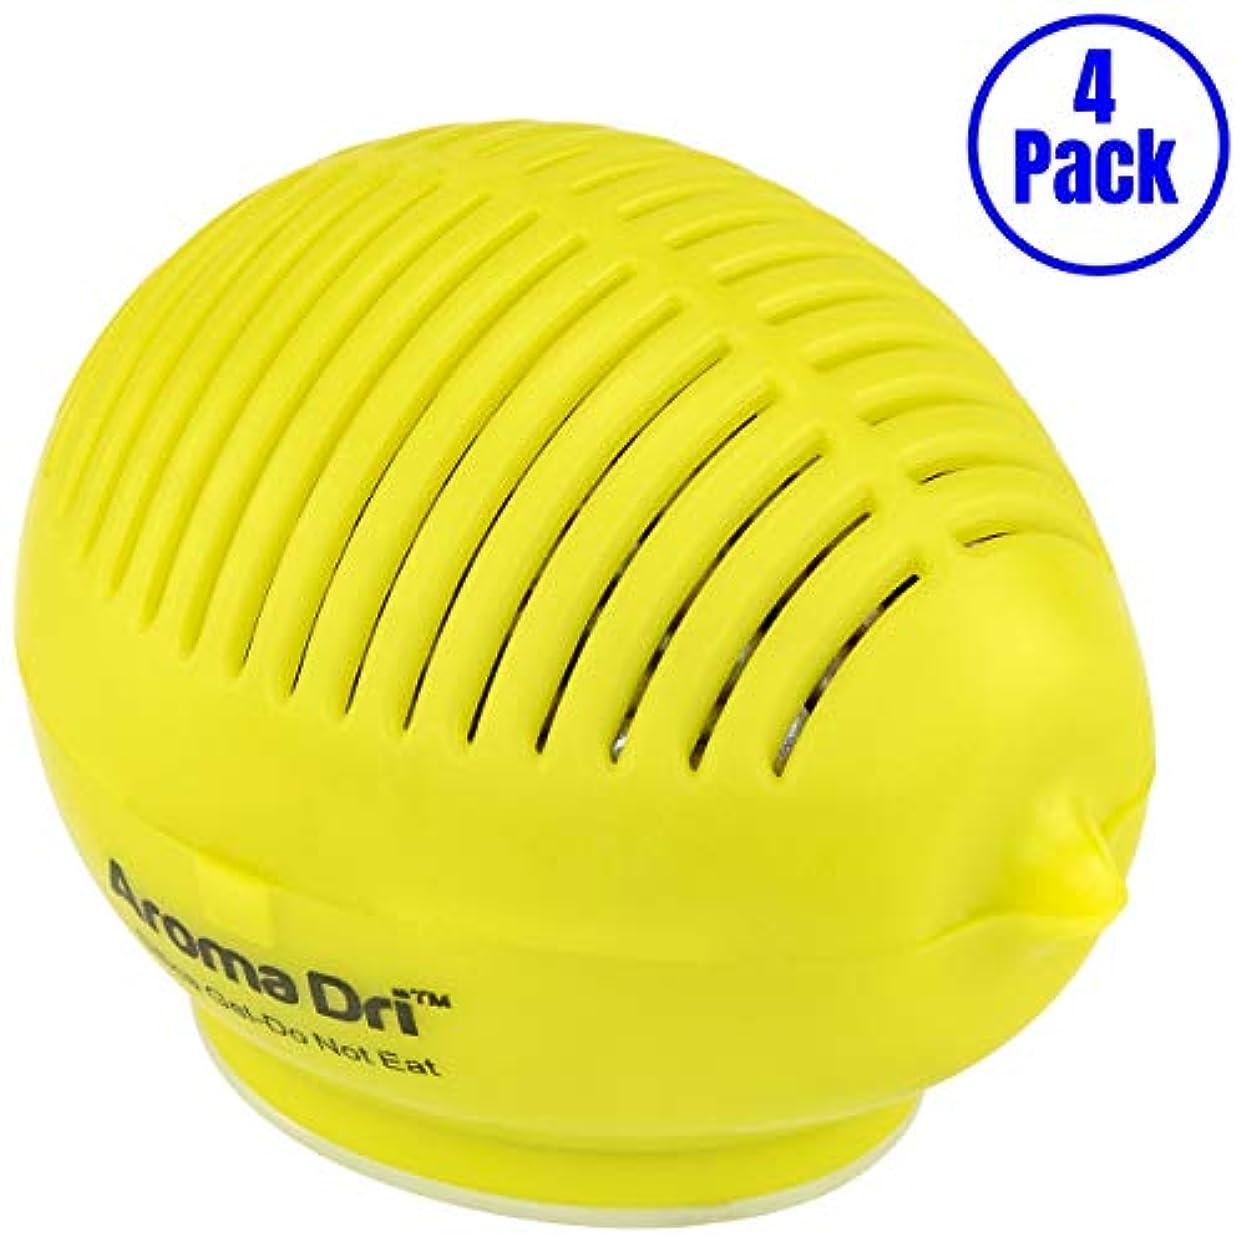 ミスペンドビリー霜Aroma Dri 50gm ラベンダーの香り シリカゲルレモン容器 4-Pack LEMON50LAVENDER-4PK